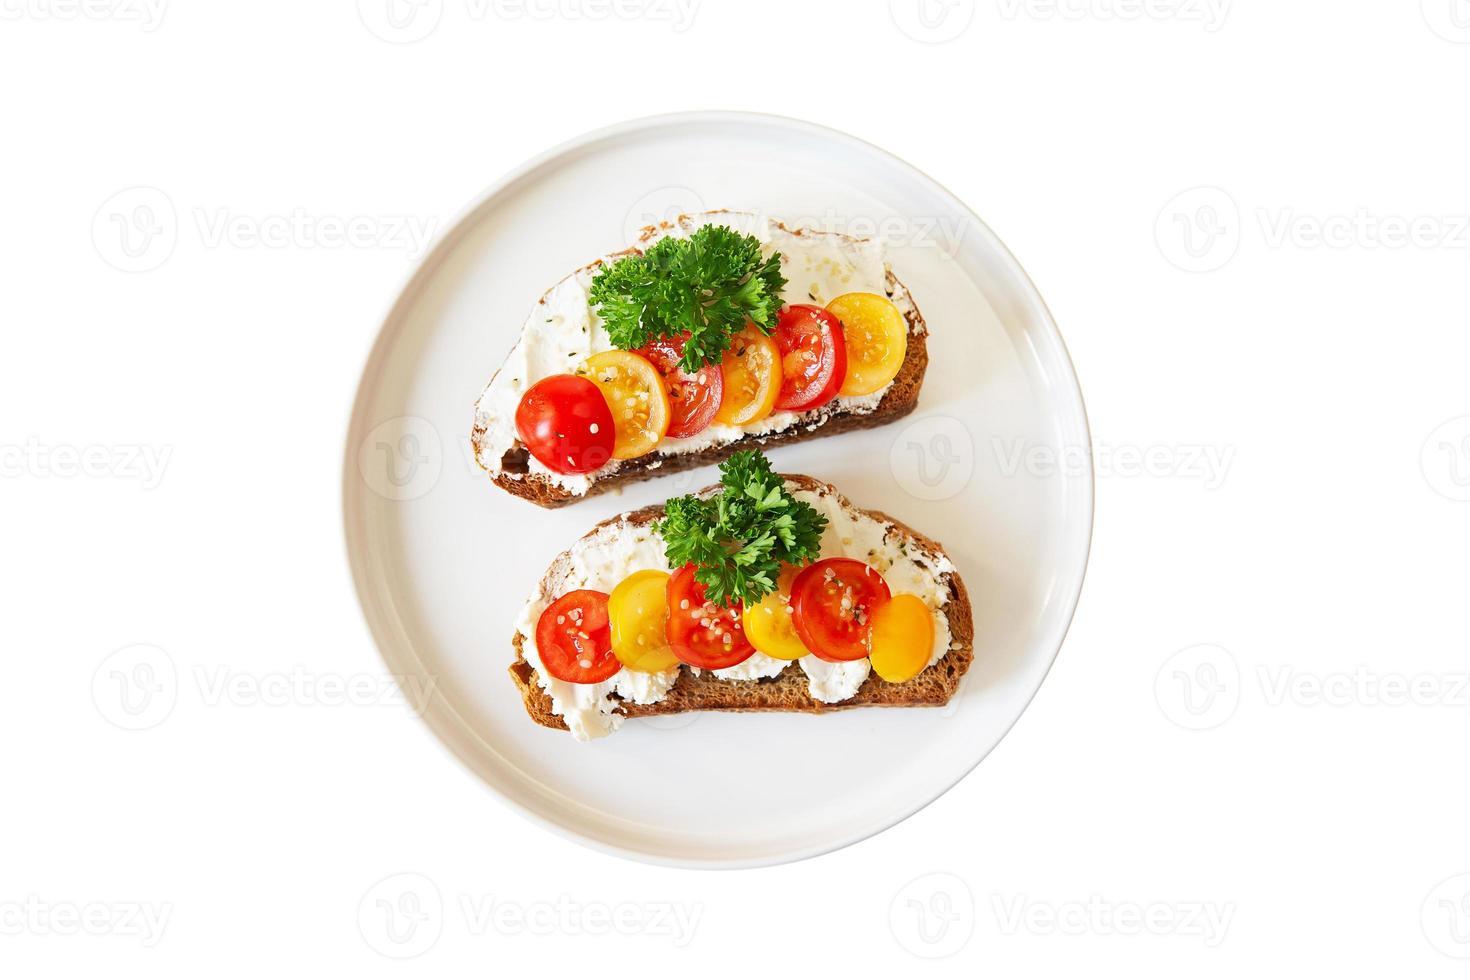 deux sandwichs au fromage et aux tomates photo